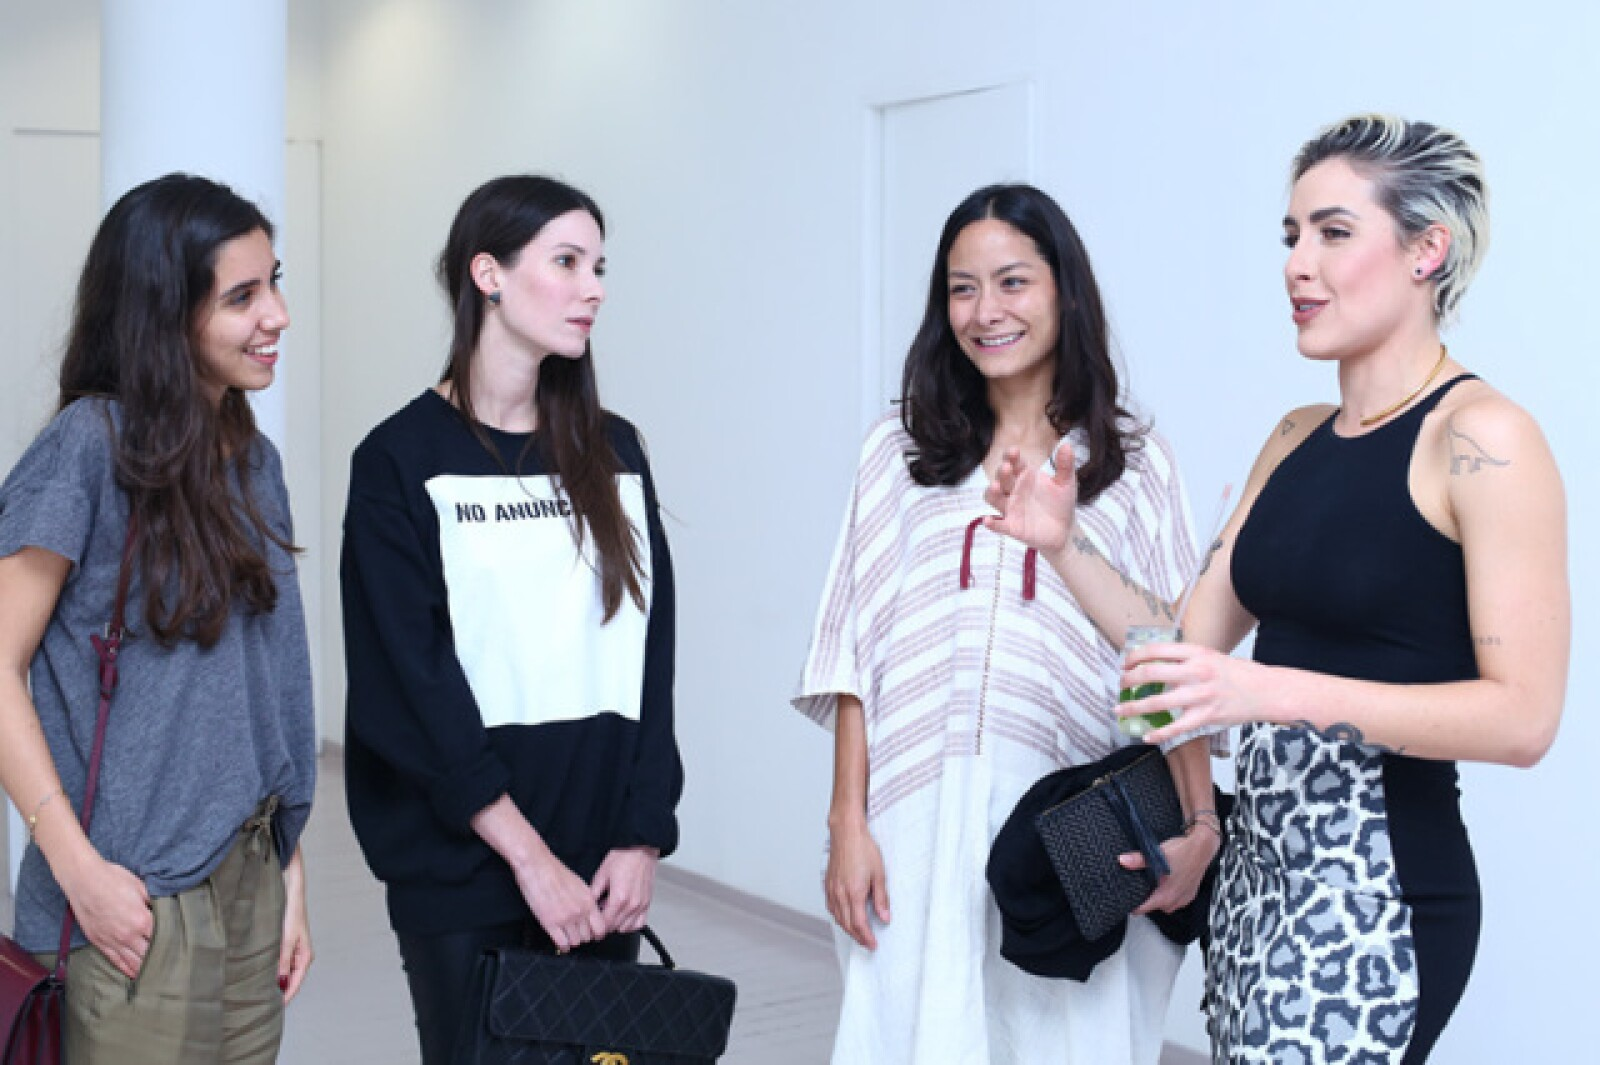 Alexia Ramírez, Inés Abourchard, Pamela Ocampo y Antonieta Fernández